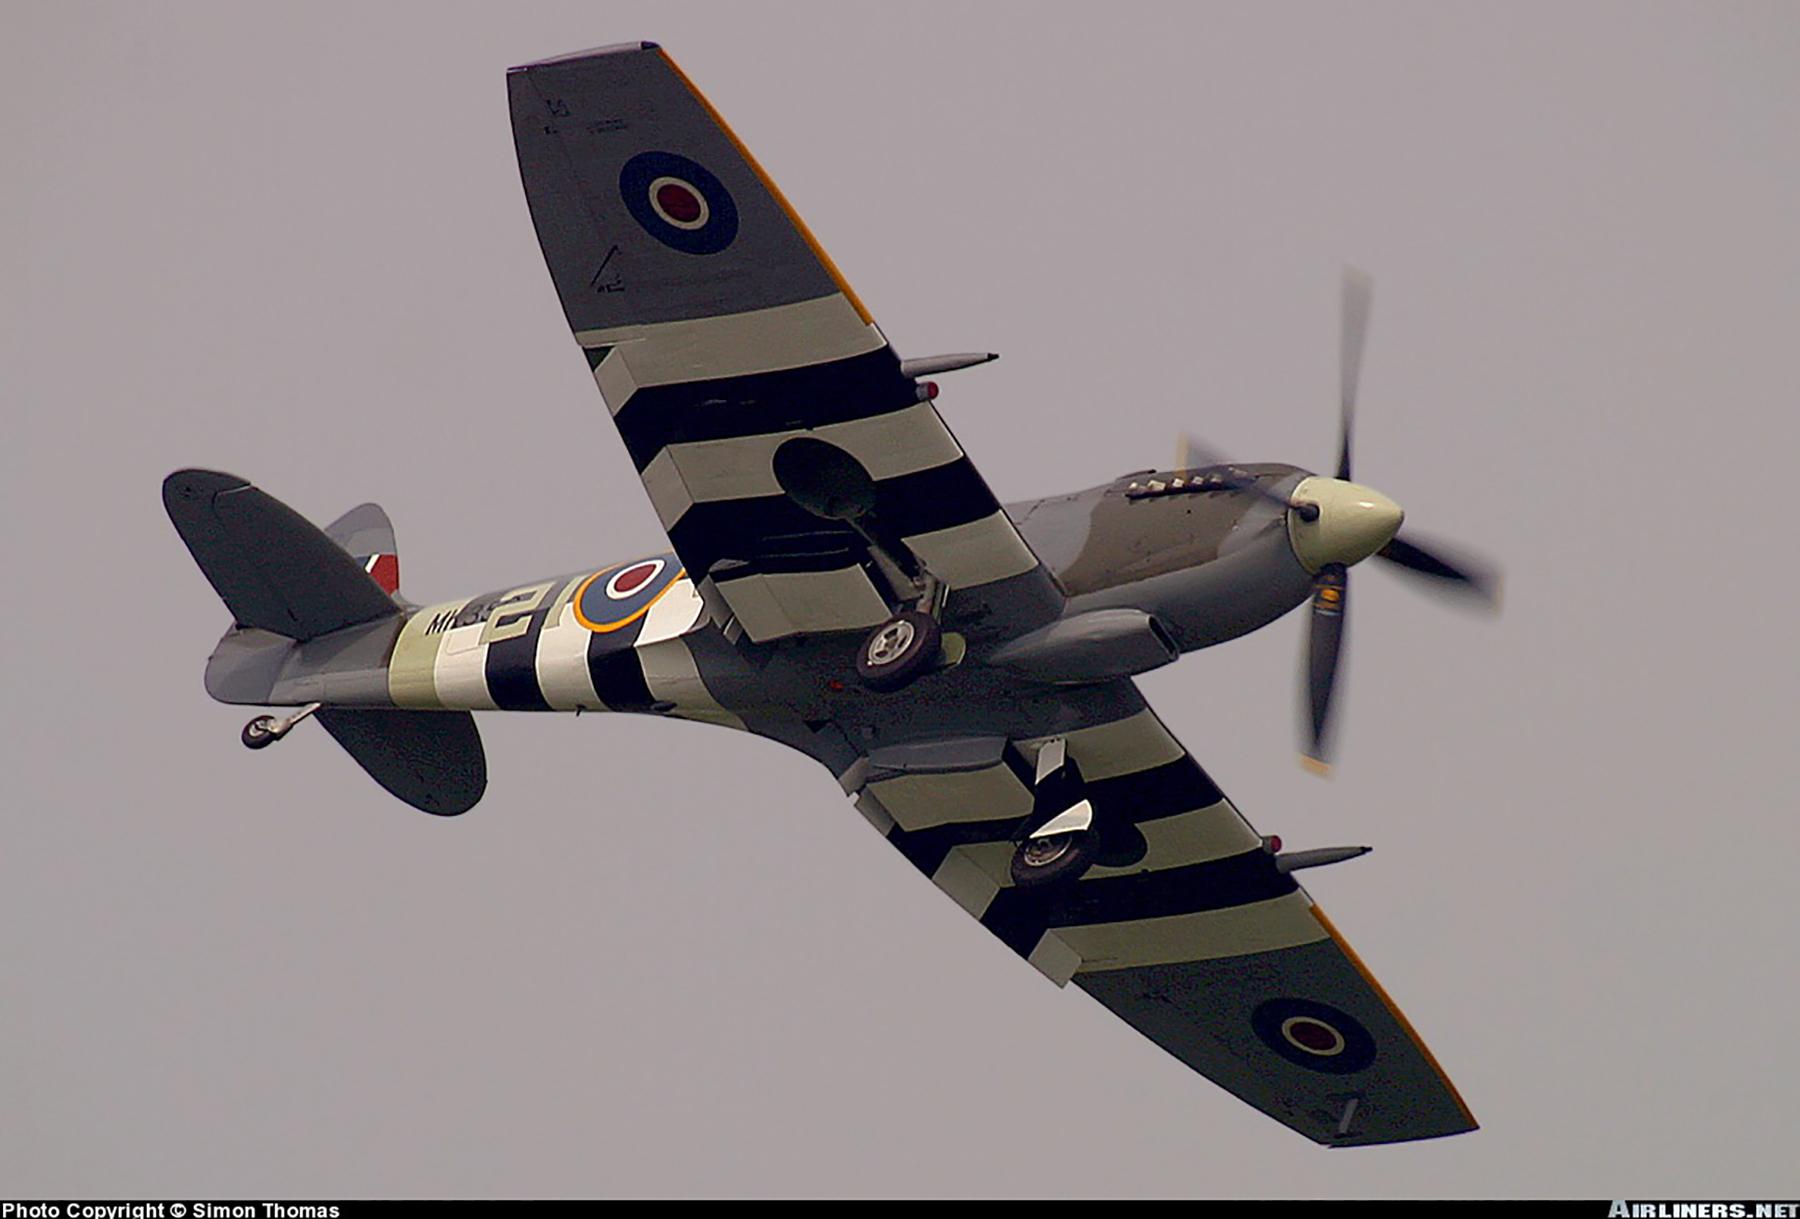 Airworthy Spitfire warbird MkIXe RCAF 443Sqn 2IV MK356 14